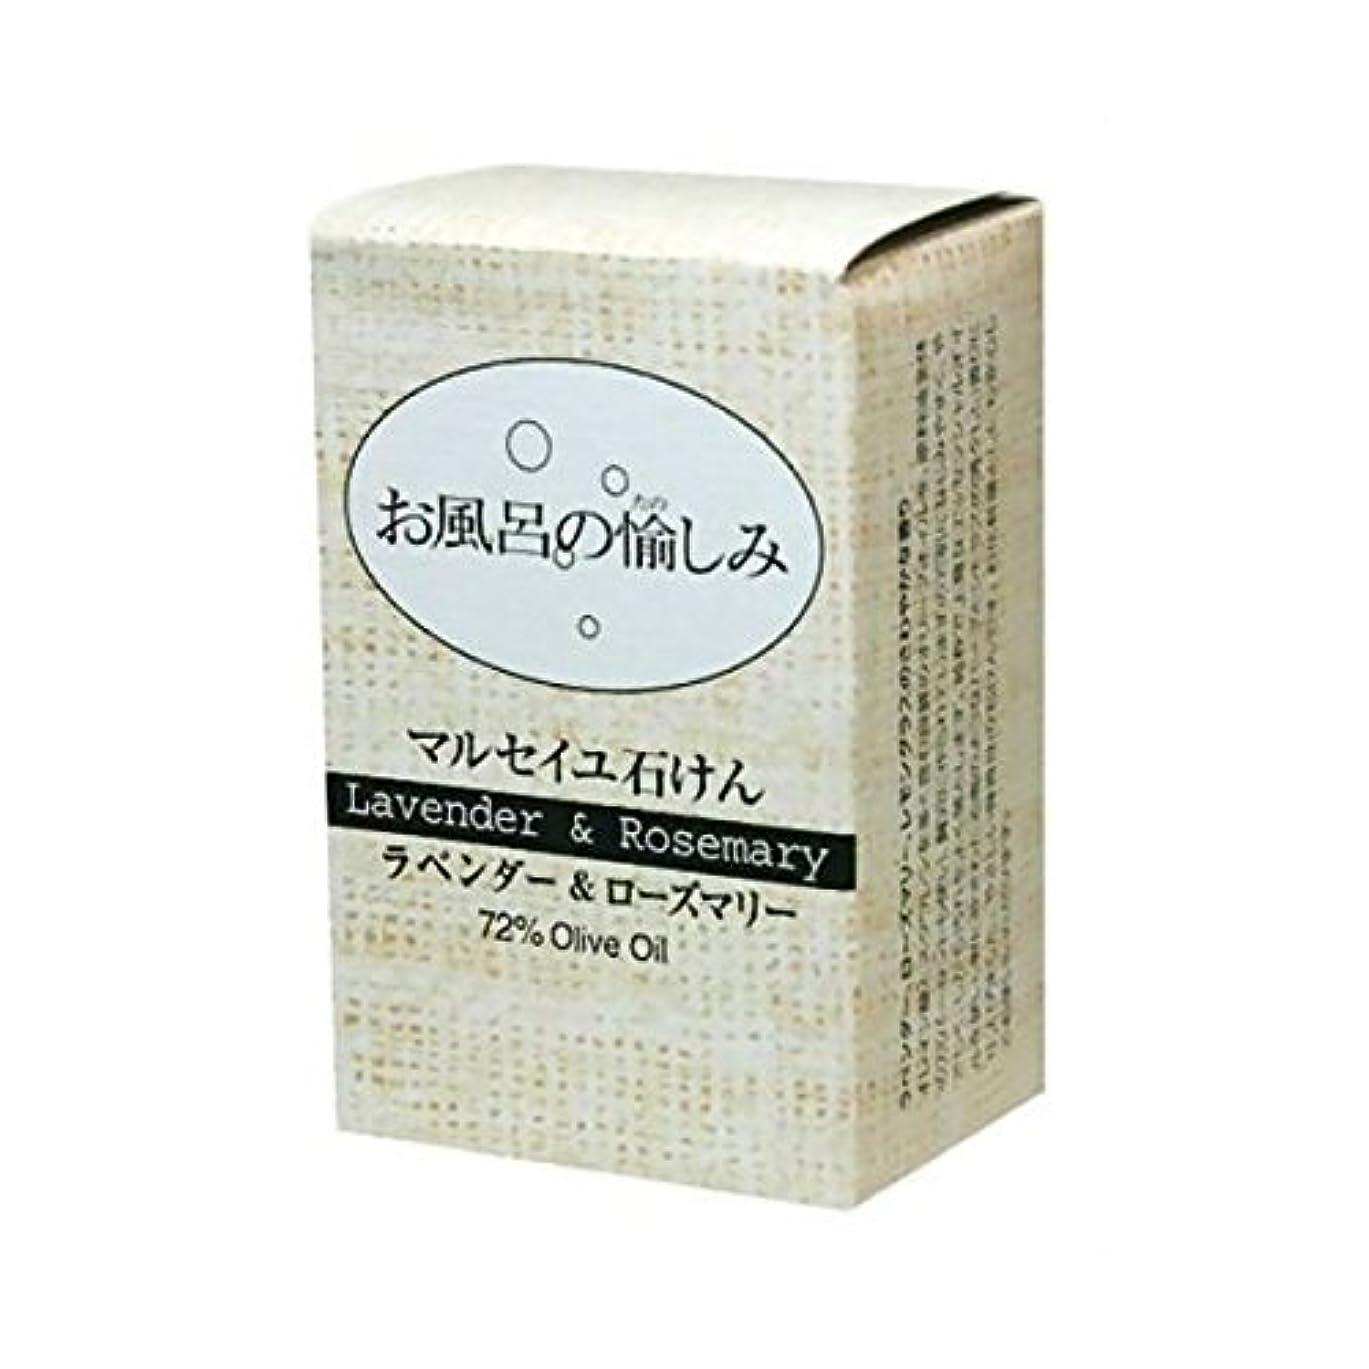 土器ボード意識【お徳用 3 セット】 お風呂の愉しみ マルセイユ石鹸 (ラベンダー&ローズマリー)×3セット